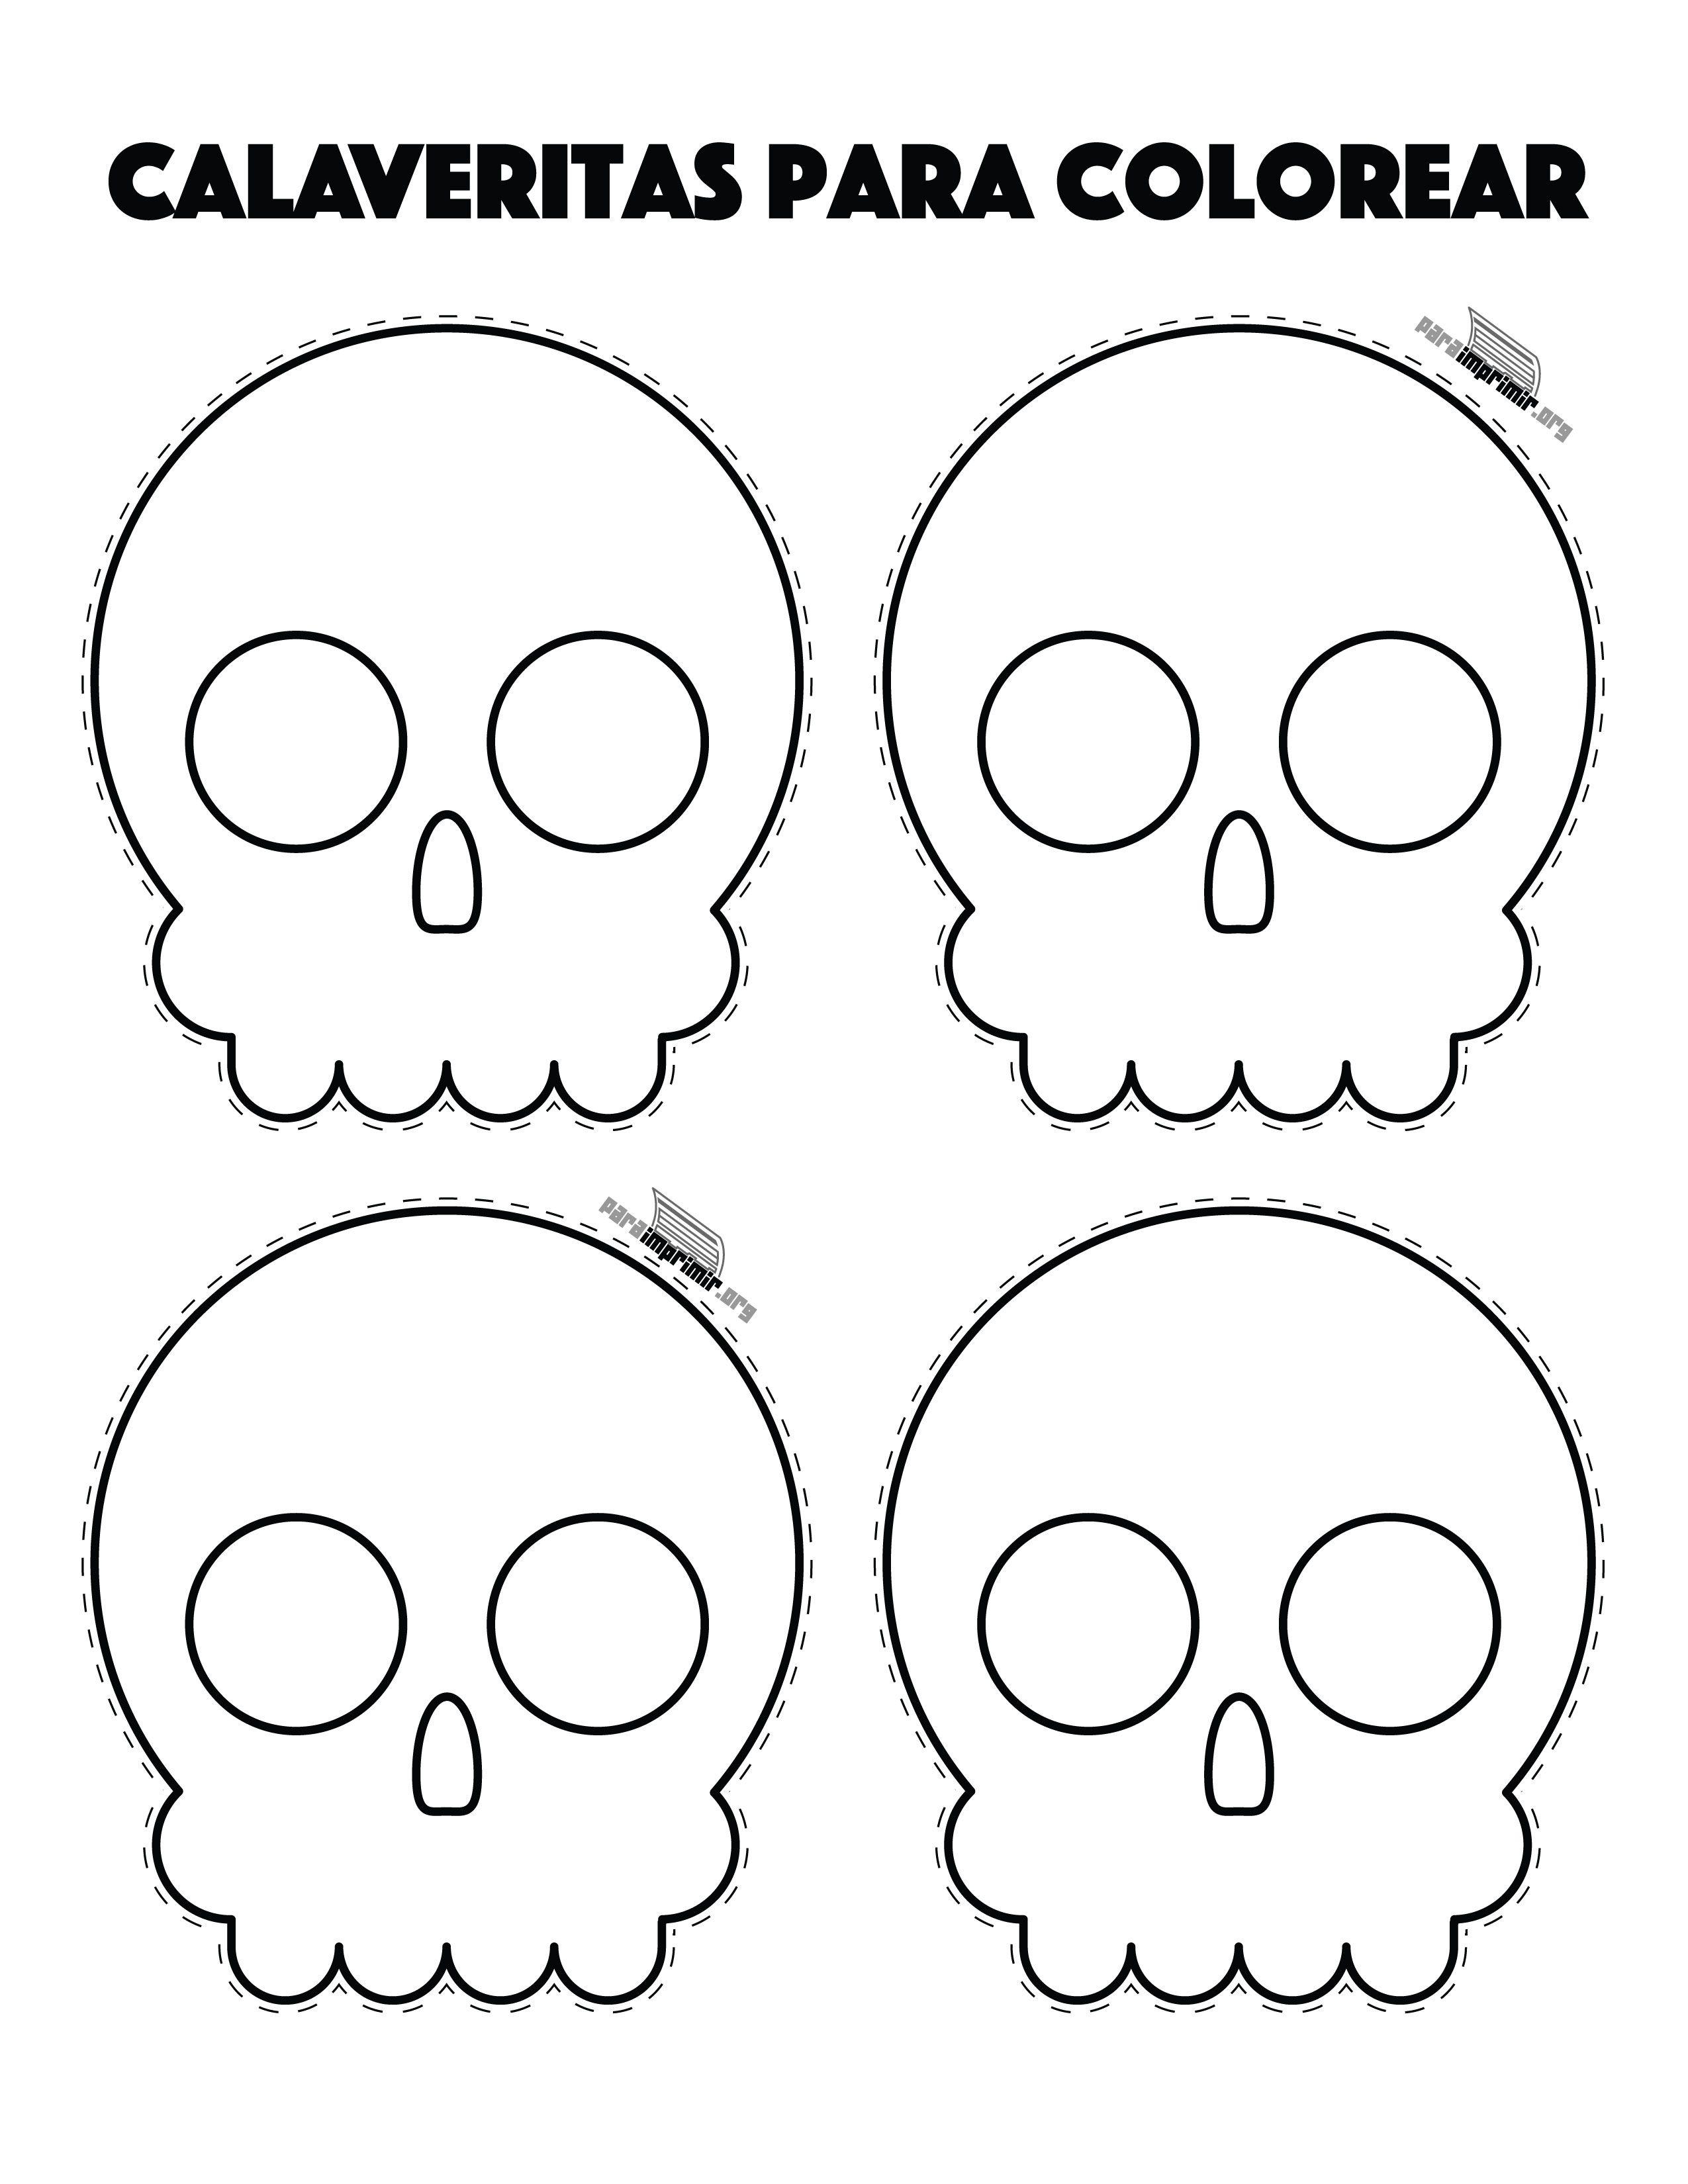 Resultado De Imagen Para Calaveras Dia De Muertos Para Colorear Cosas De Halloween Calaveras Dia De Muertos Decoracion De Halloween